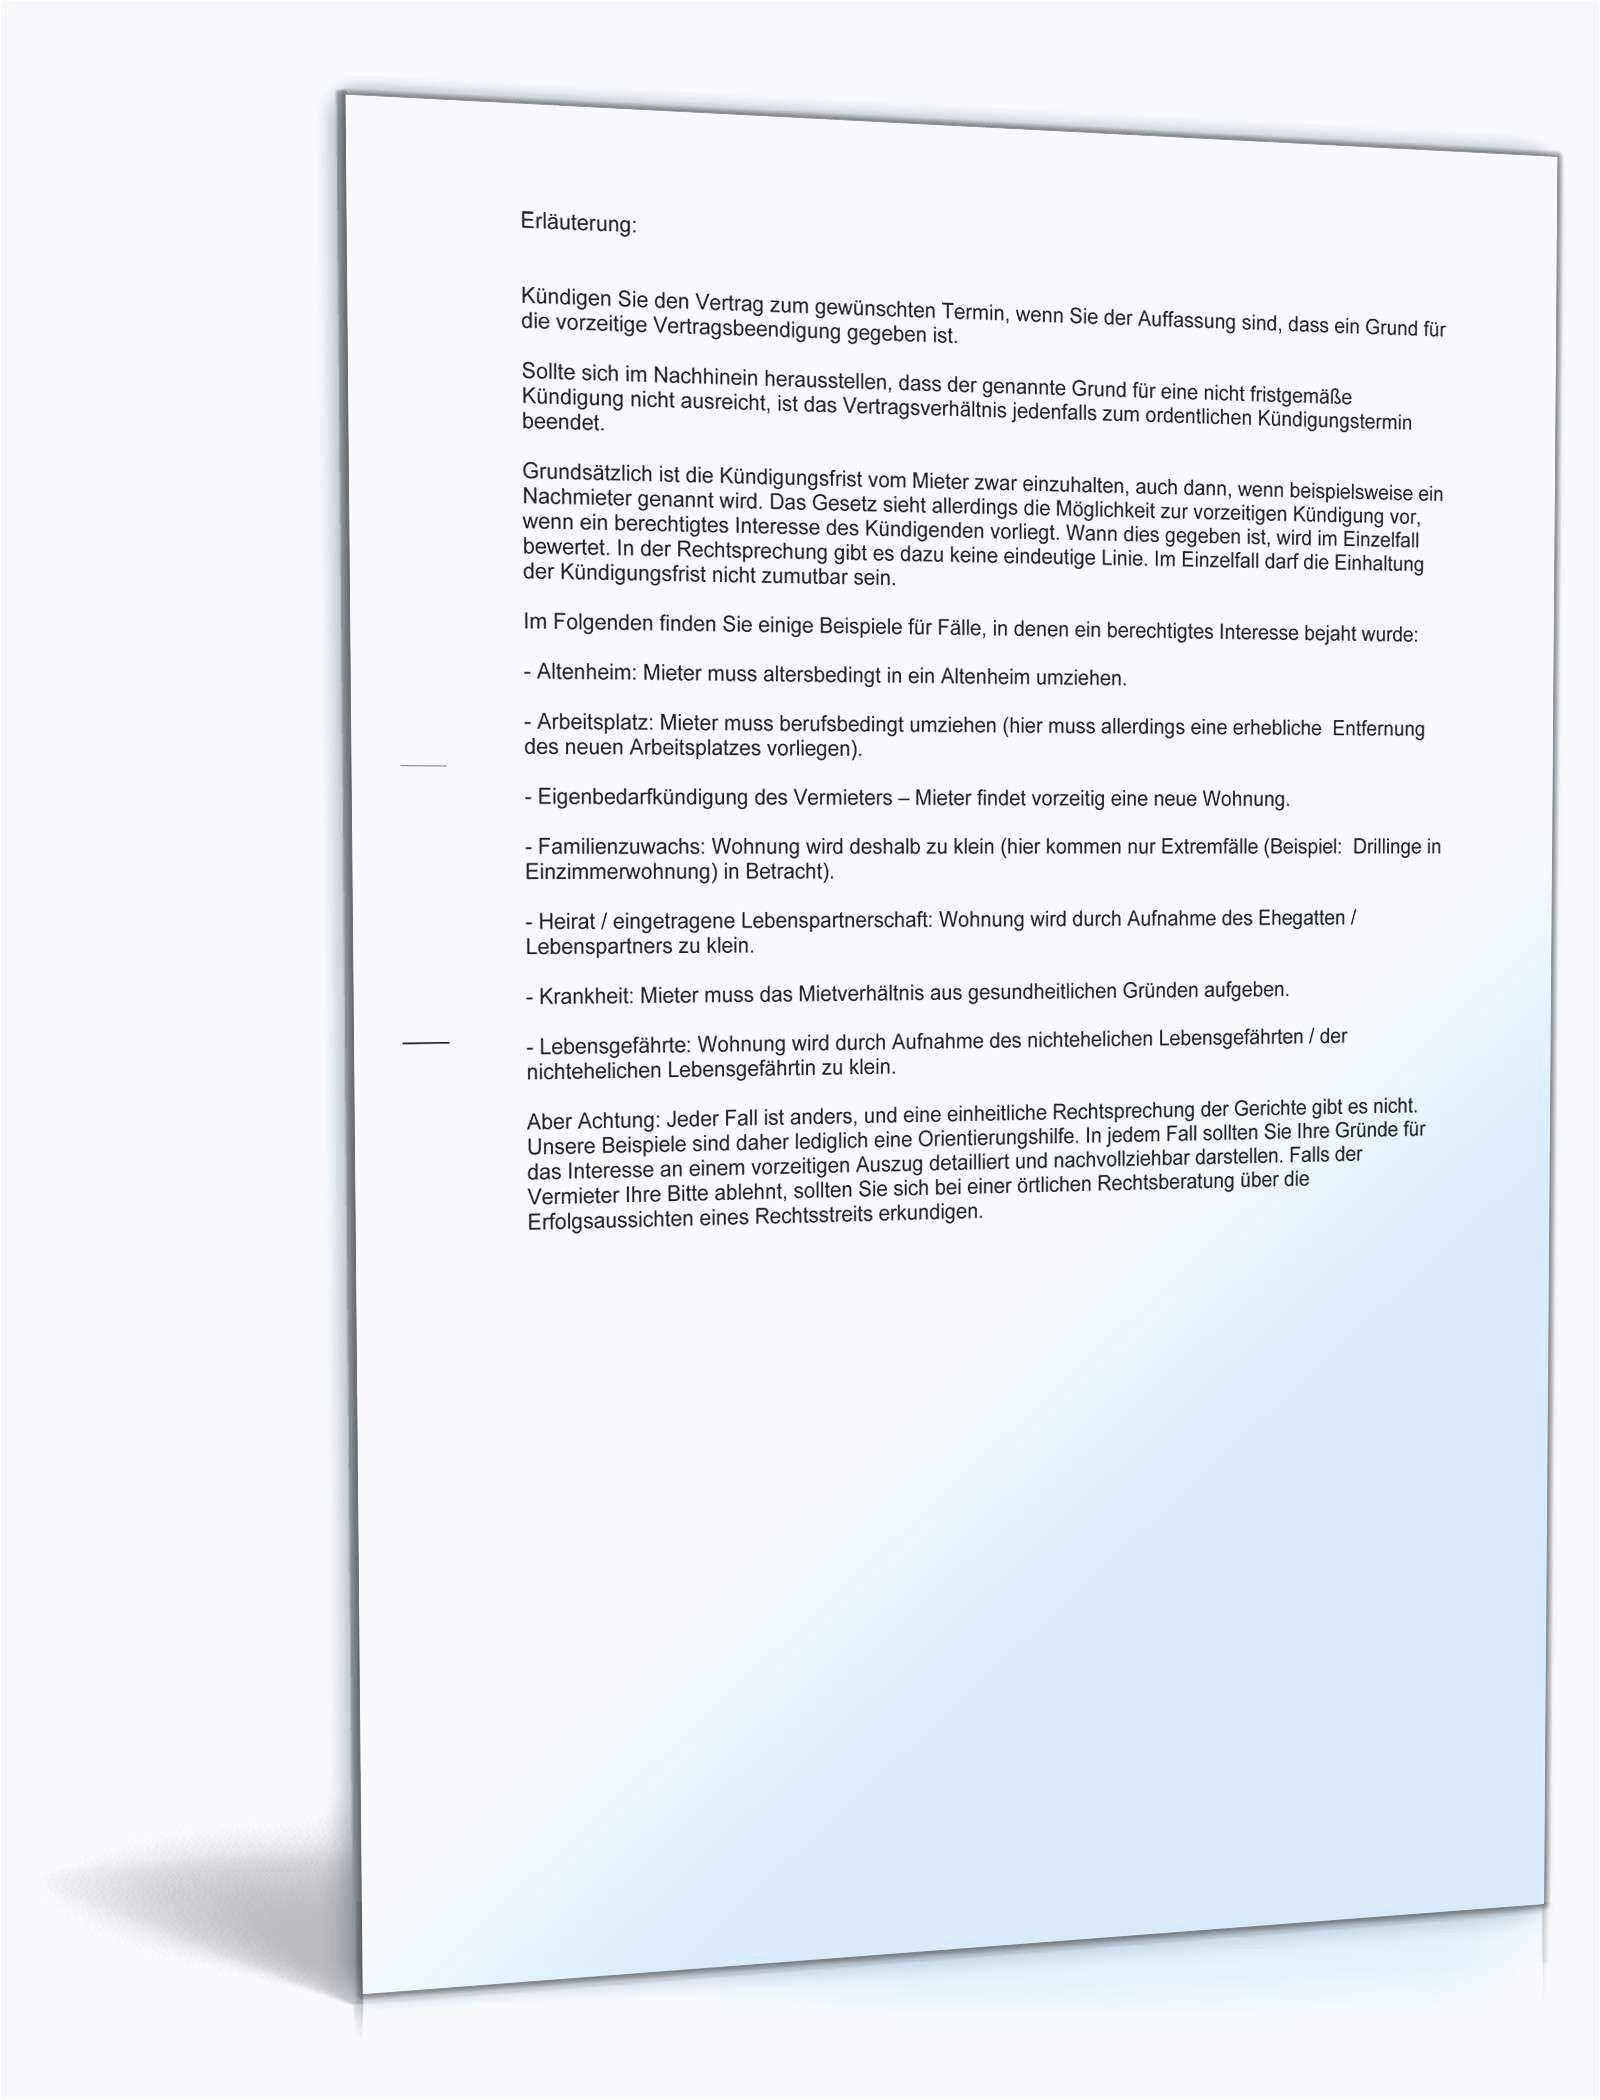 Kundigung Mietvertrag Untermieter Vorlage Bewerbung Anschreiben Muster Vorlagen Vorlage Bewerbung